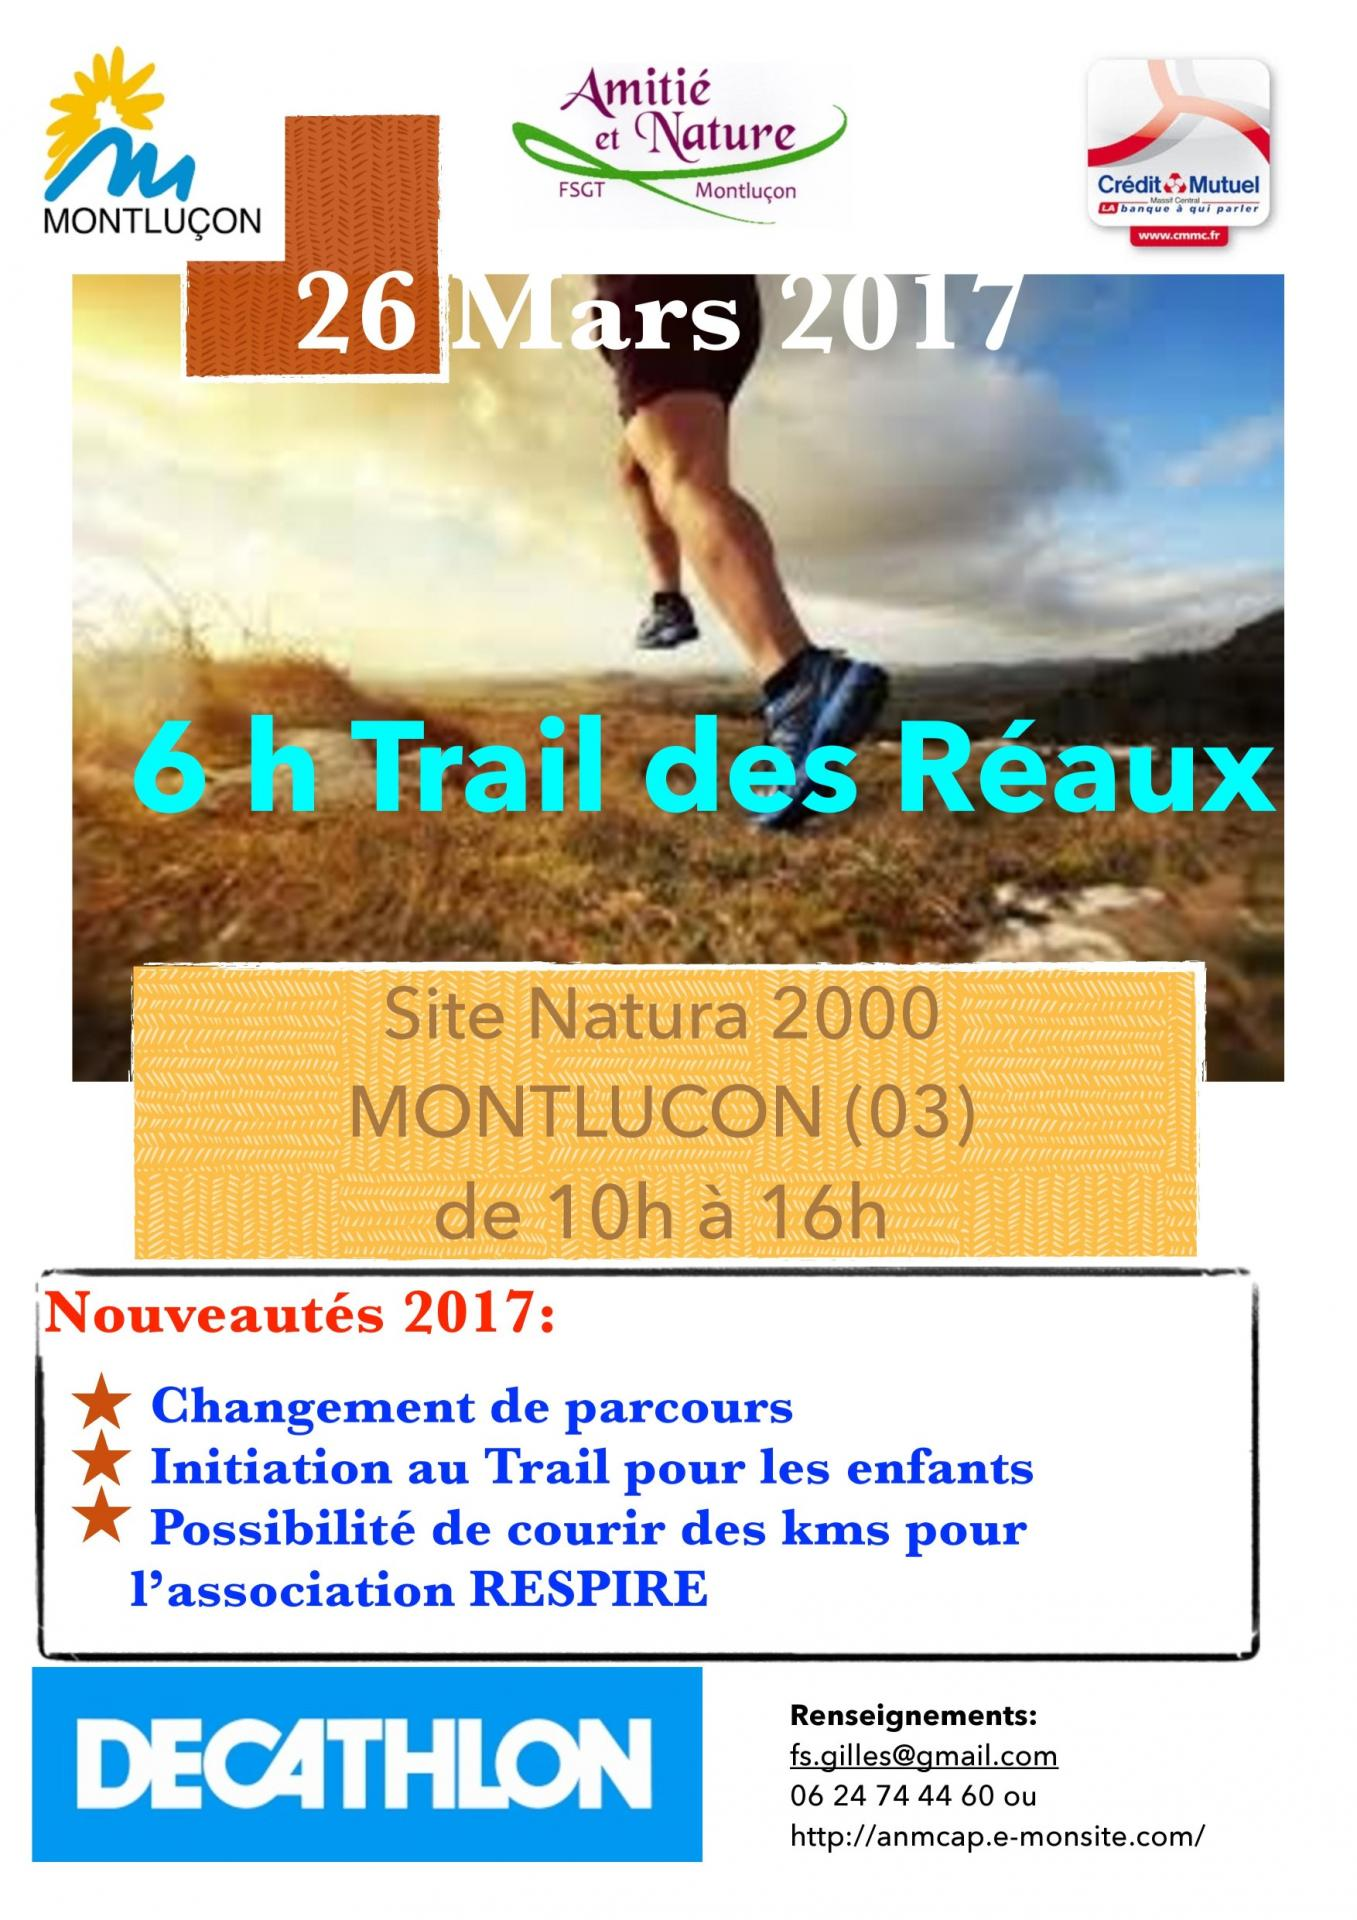 Affiche 6h reaux 2017 page 001 1754 x 2481